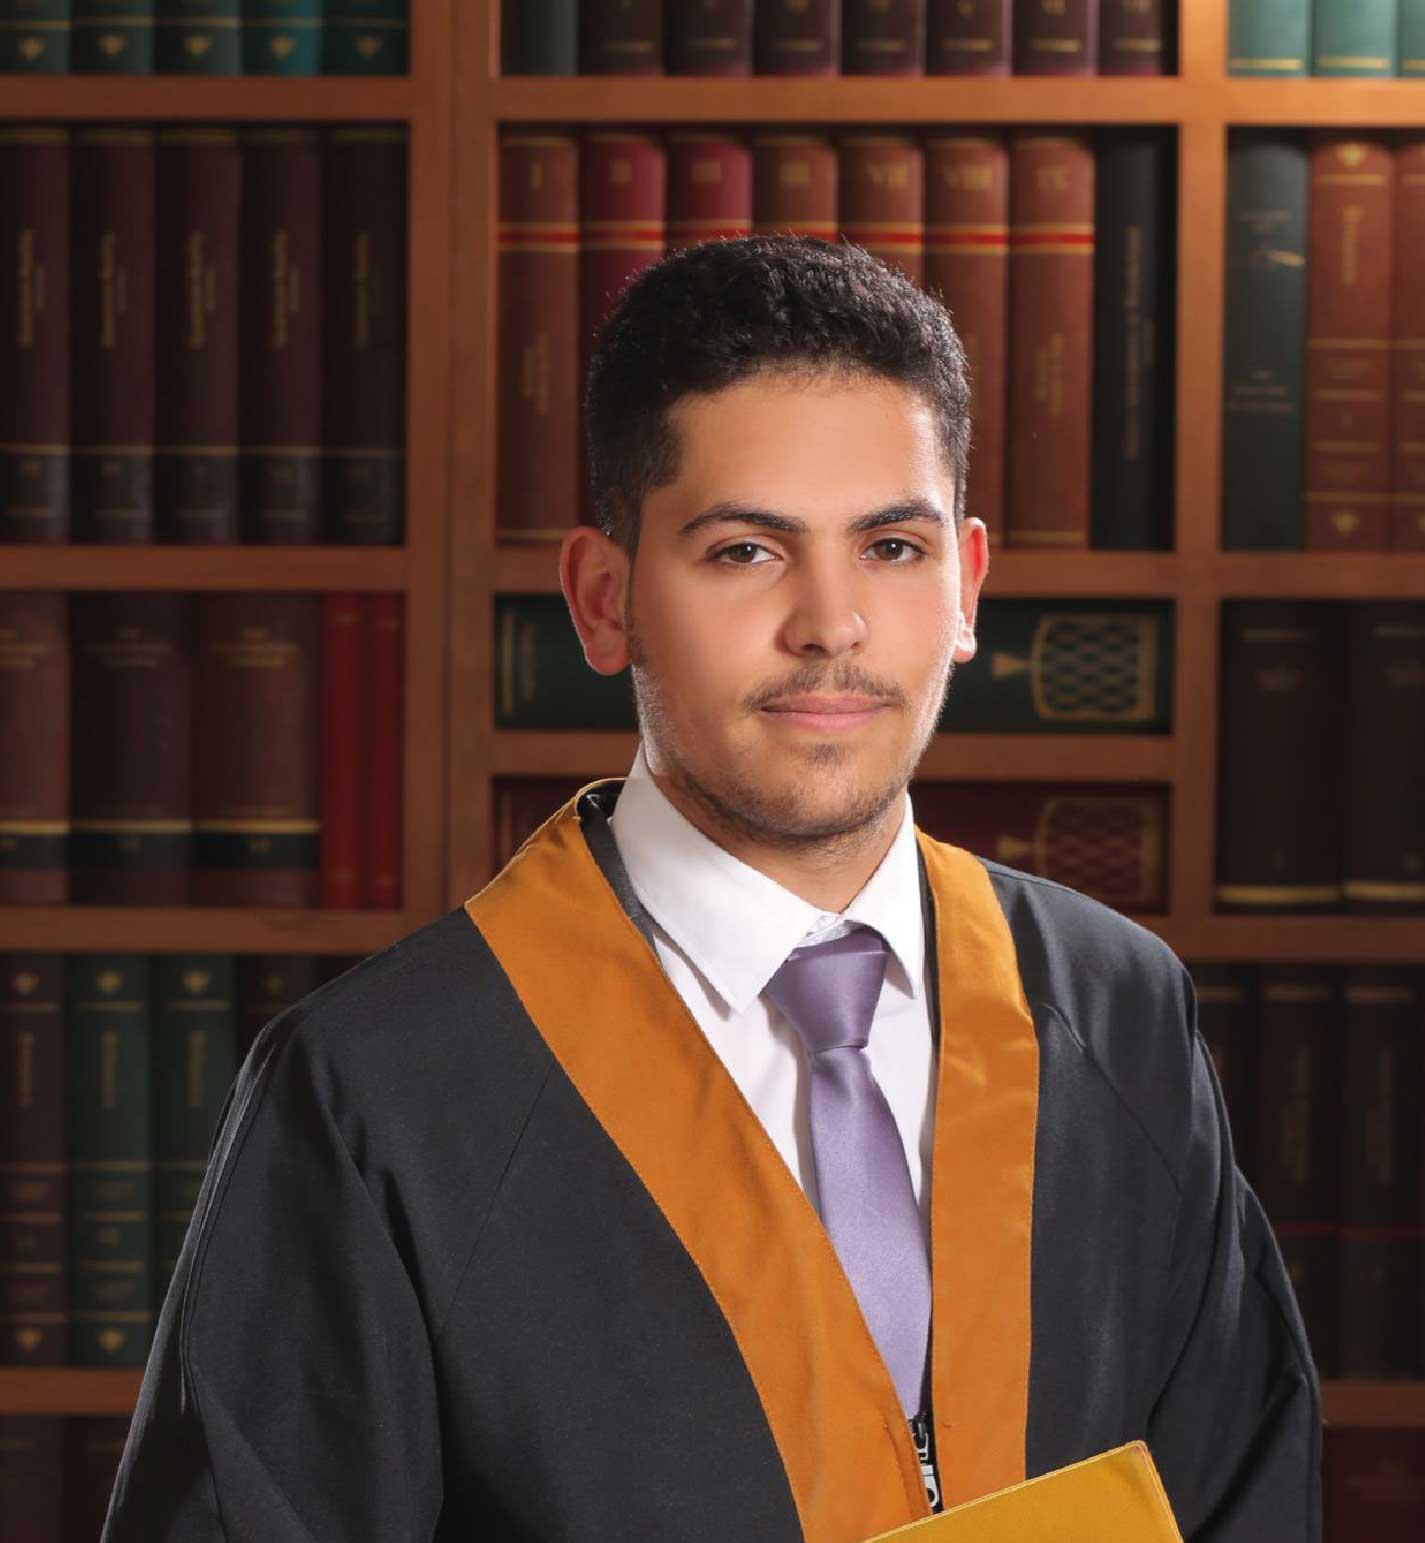 Eng. Mohamad Jaber Kutkut